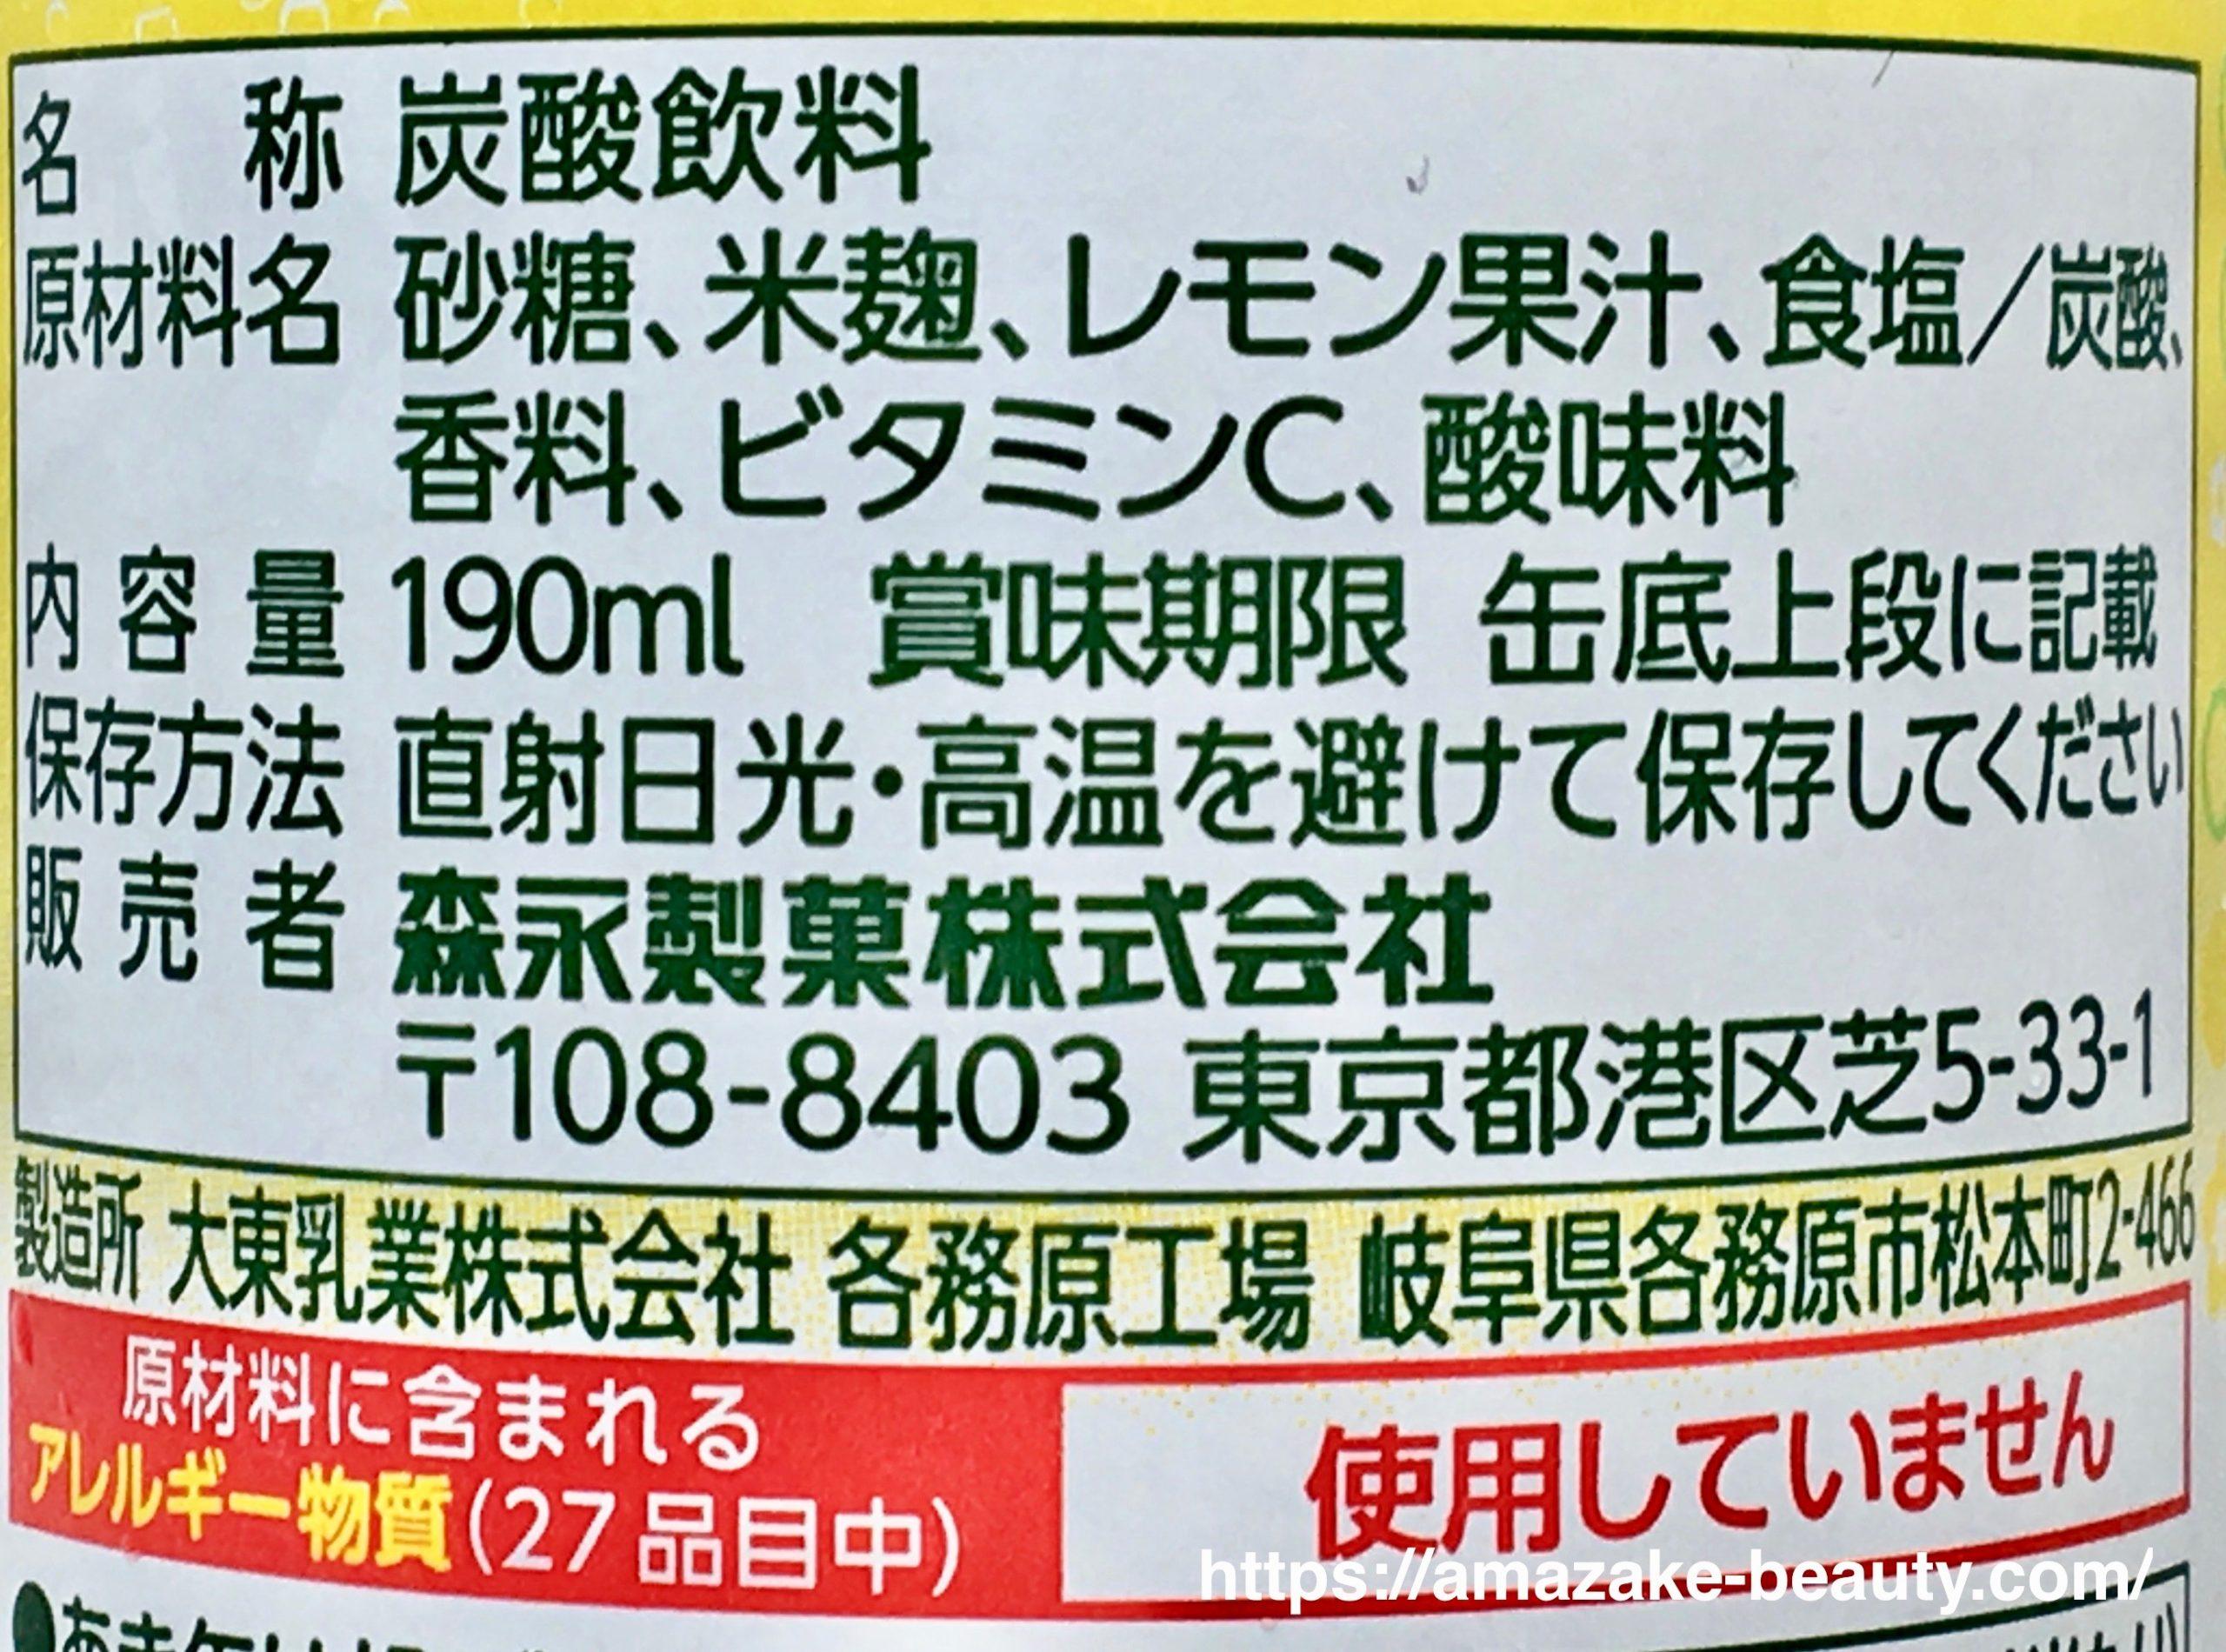 【甘酒】森永製菓『米麹甘酒スパークリングレモン』(商品情報)